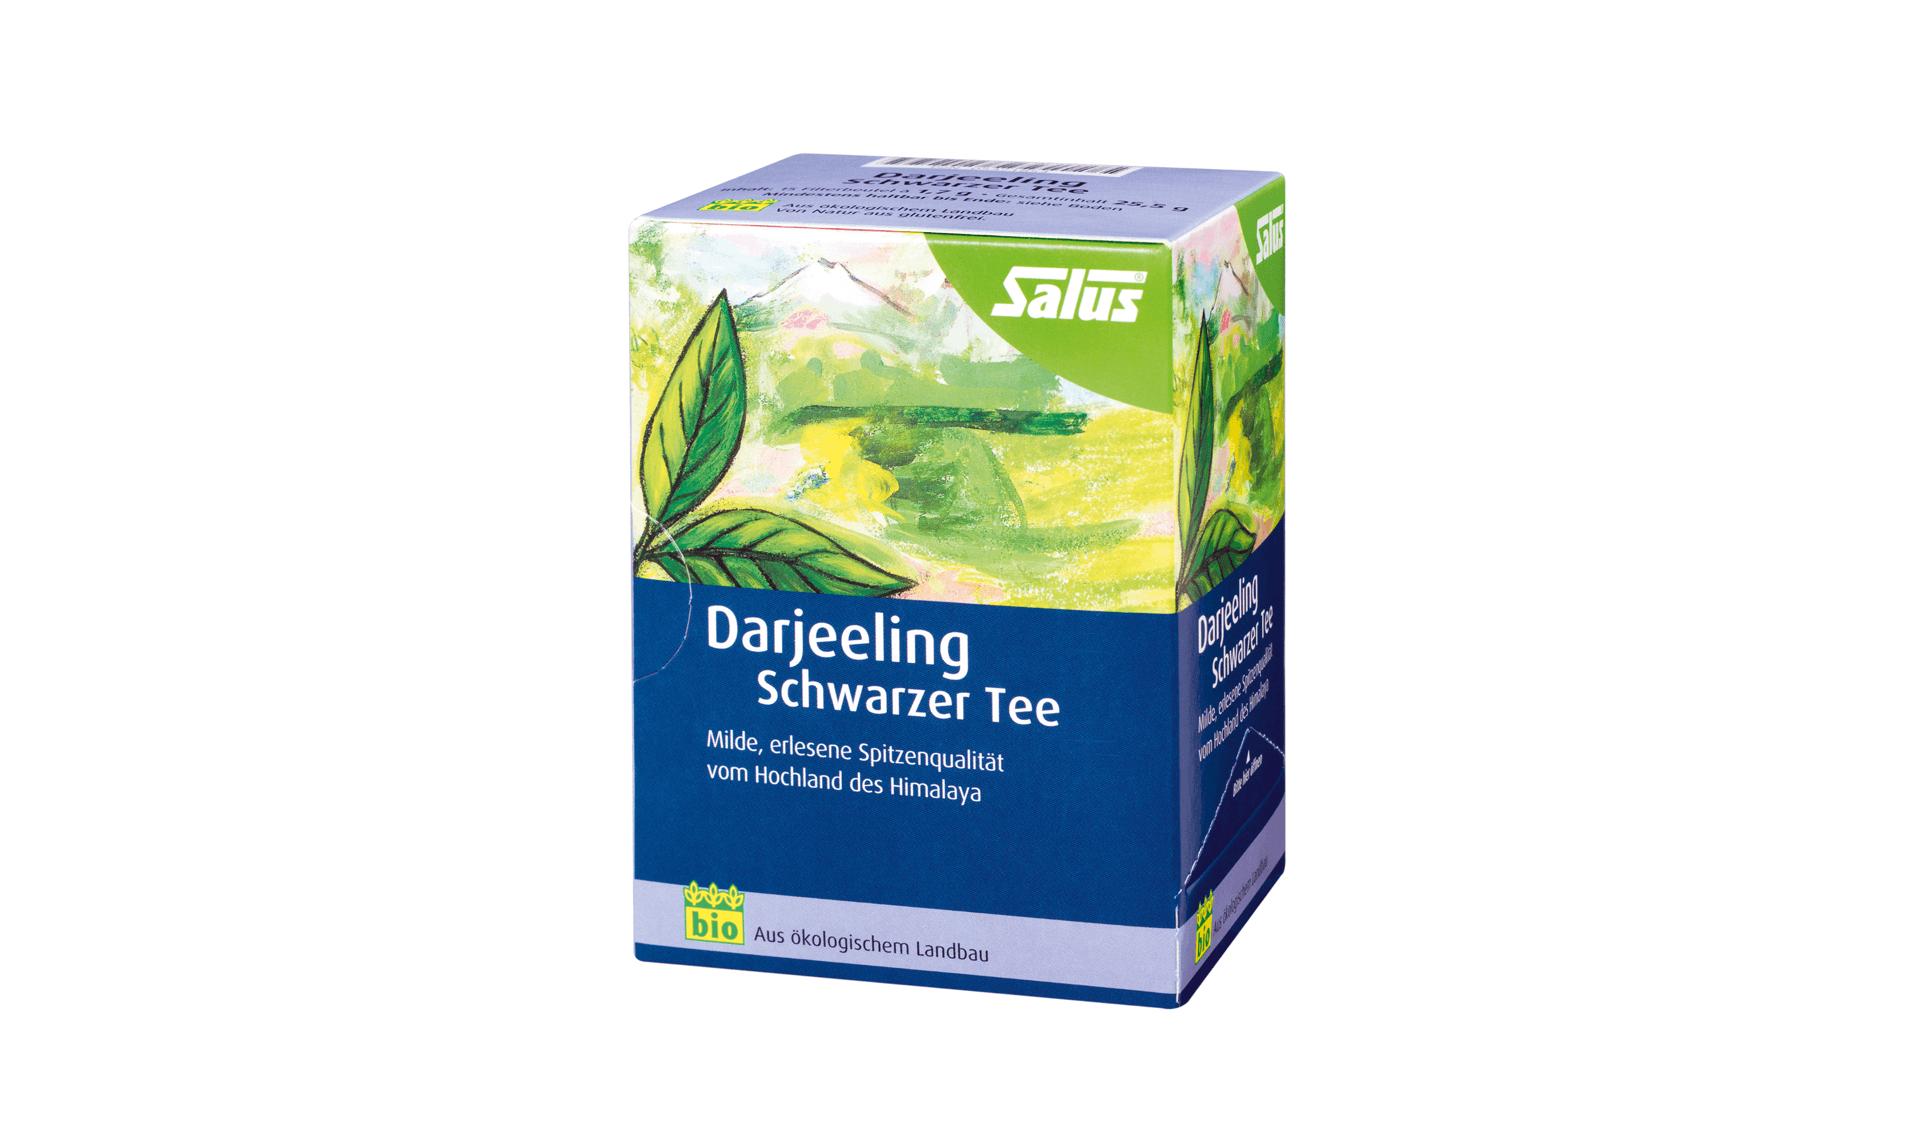 Salus Darjeeling Schwarzer Tee (www.salus.de/tee)